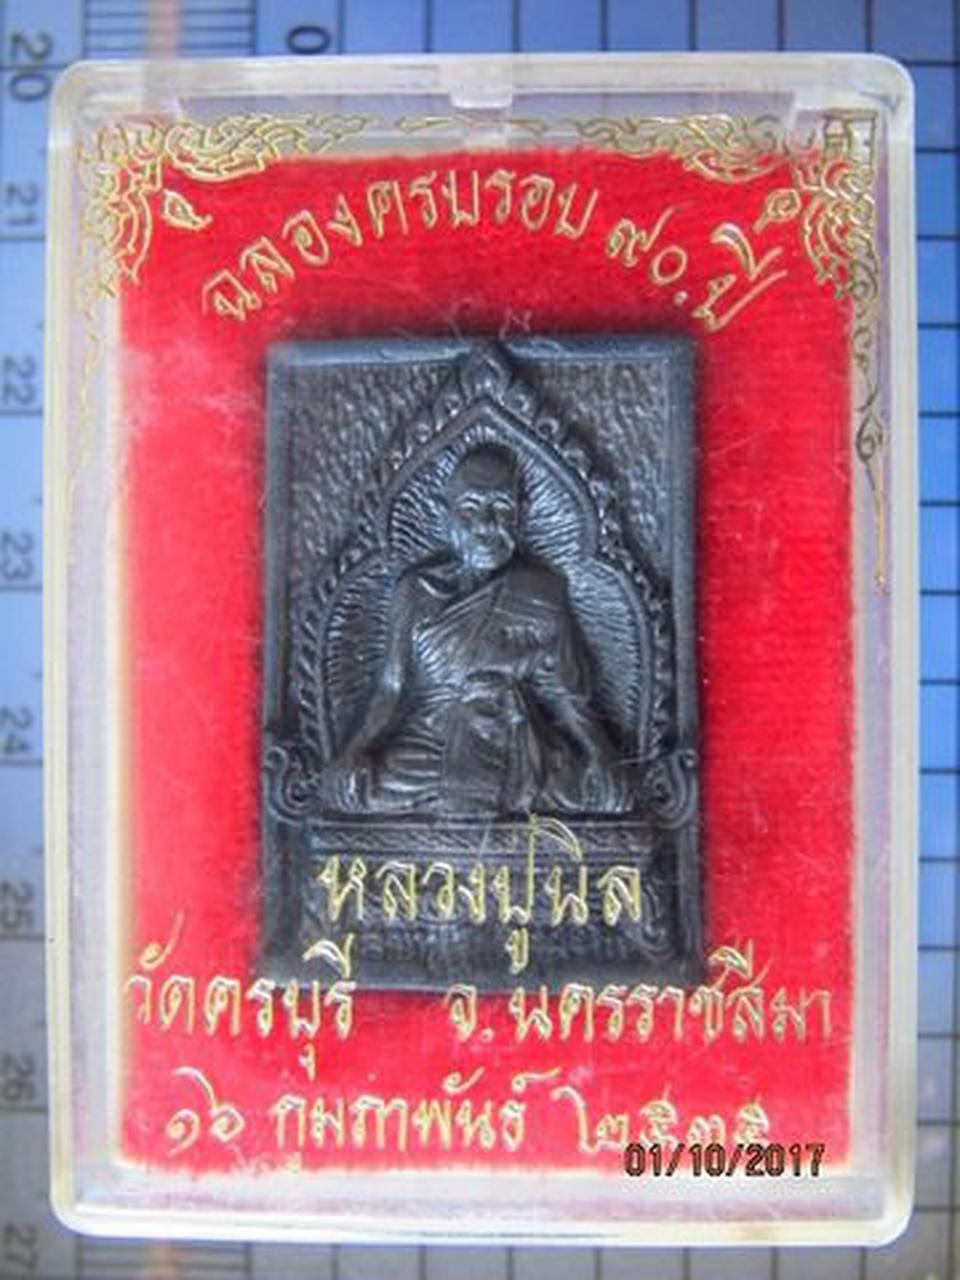 4720 เหรียญหล่อหลวงปู่ นิล วัดครบุรี ฉลองอายุครบ 90 ปี ปี253 รูปที่ 2